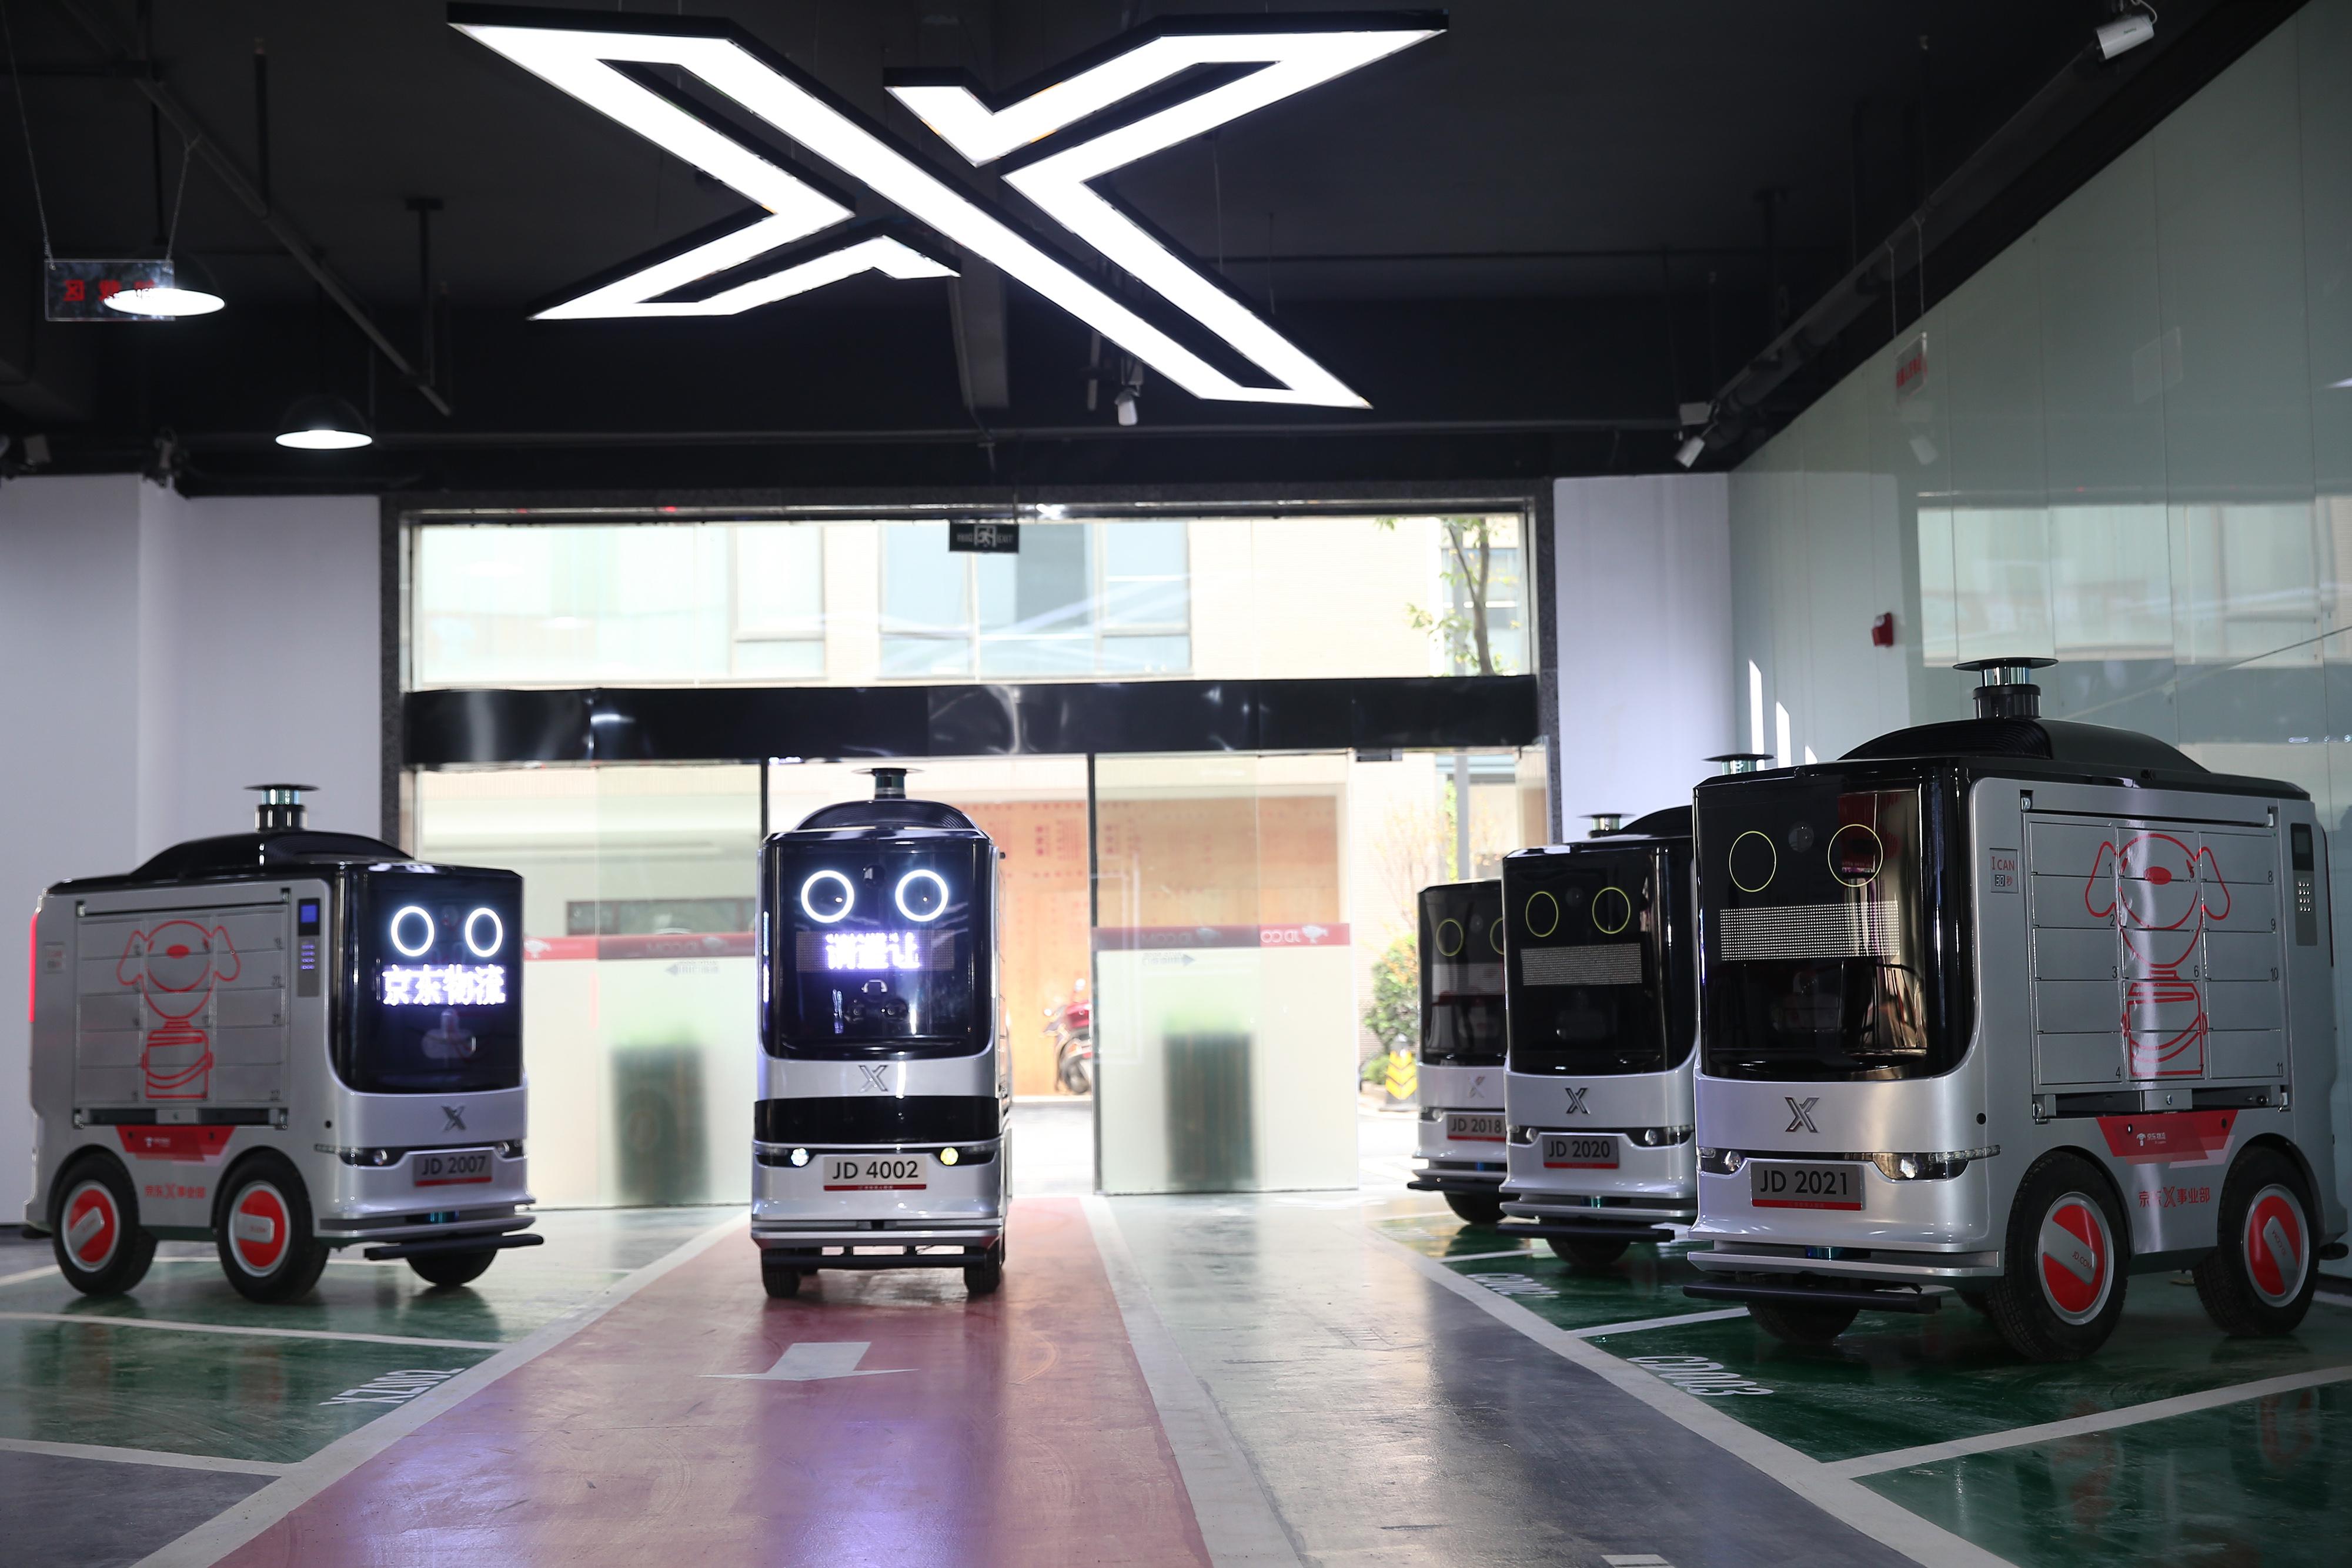 JD's autonomous delivery robots in a garage.